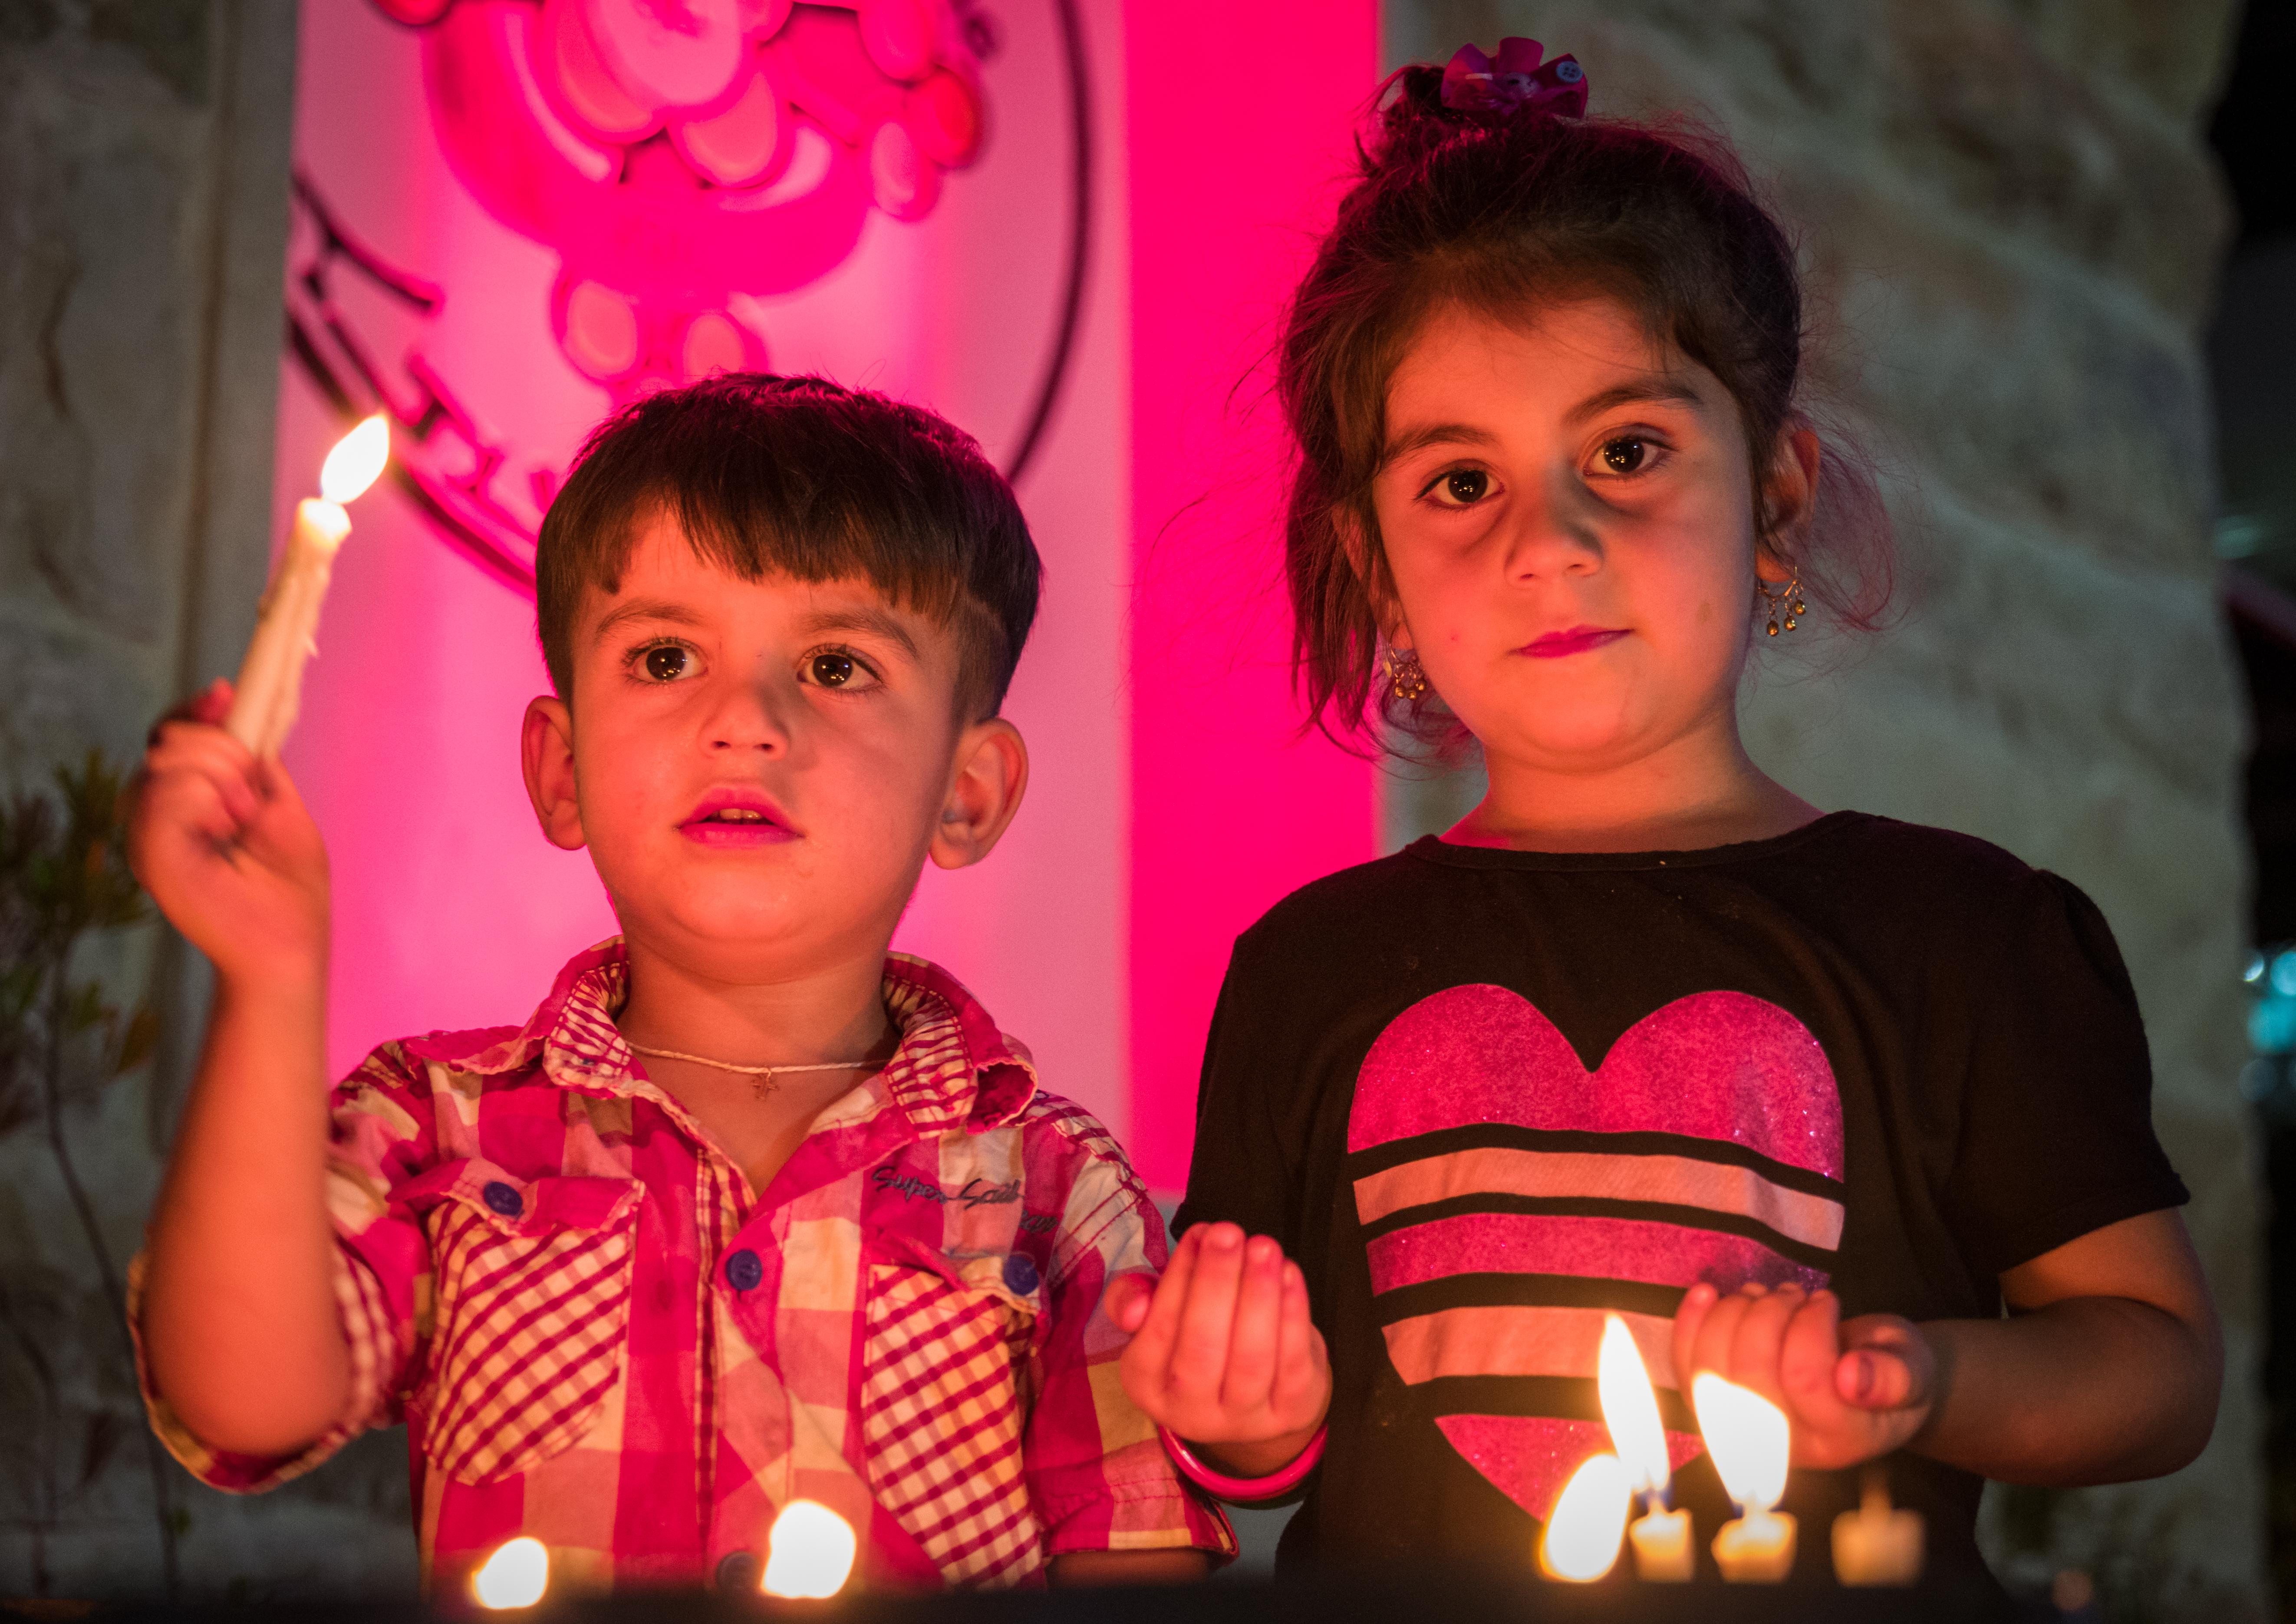 keresztény menekült gyerekek